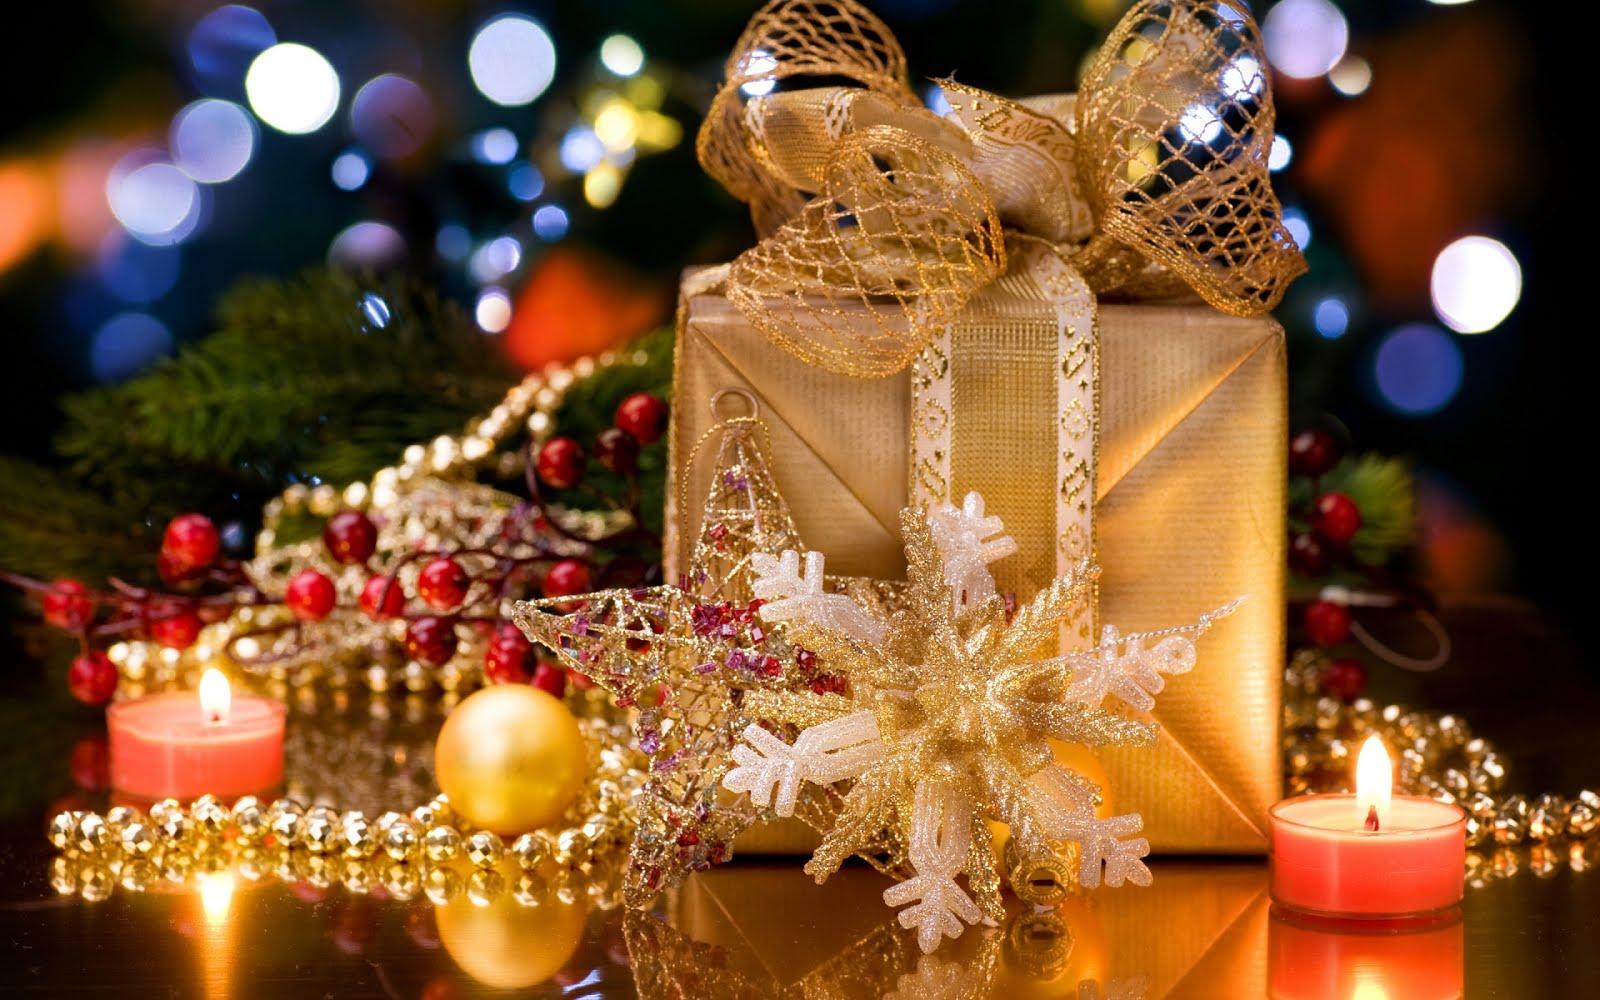 Especial navidad gu a de regalos un 10 en belleza - Regalos para navidad 2015 ...